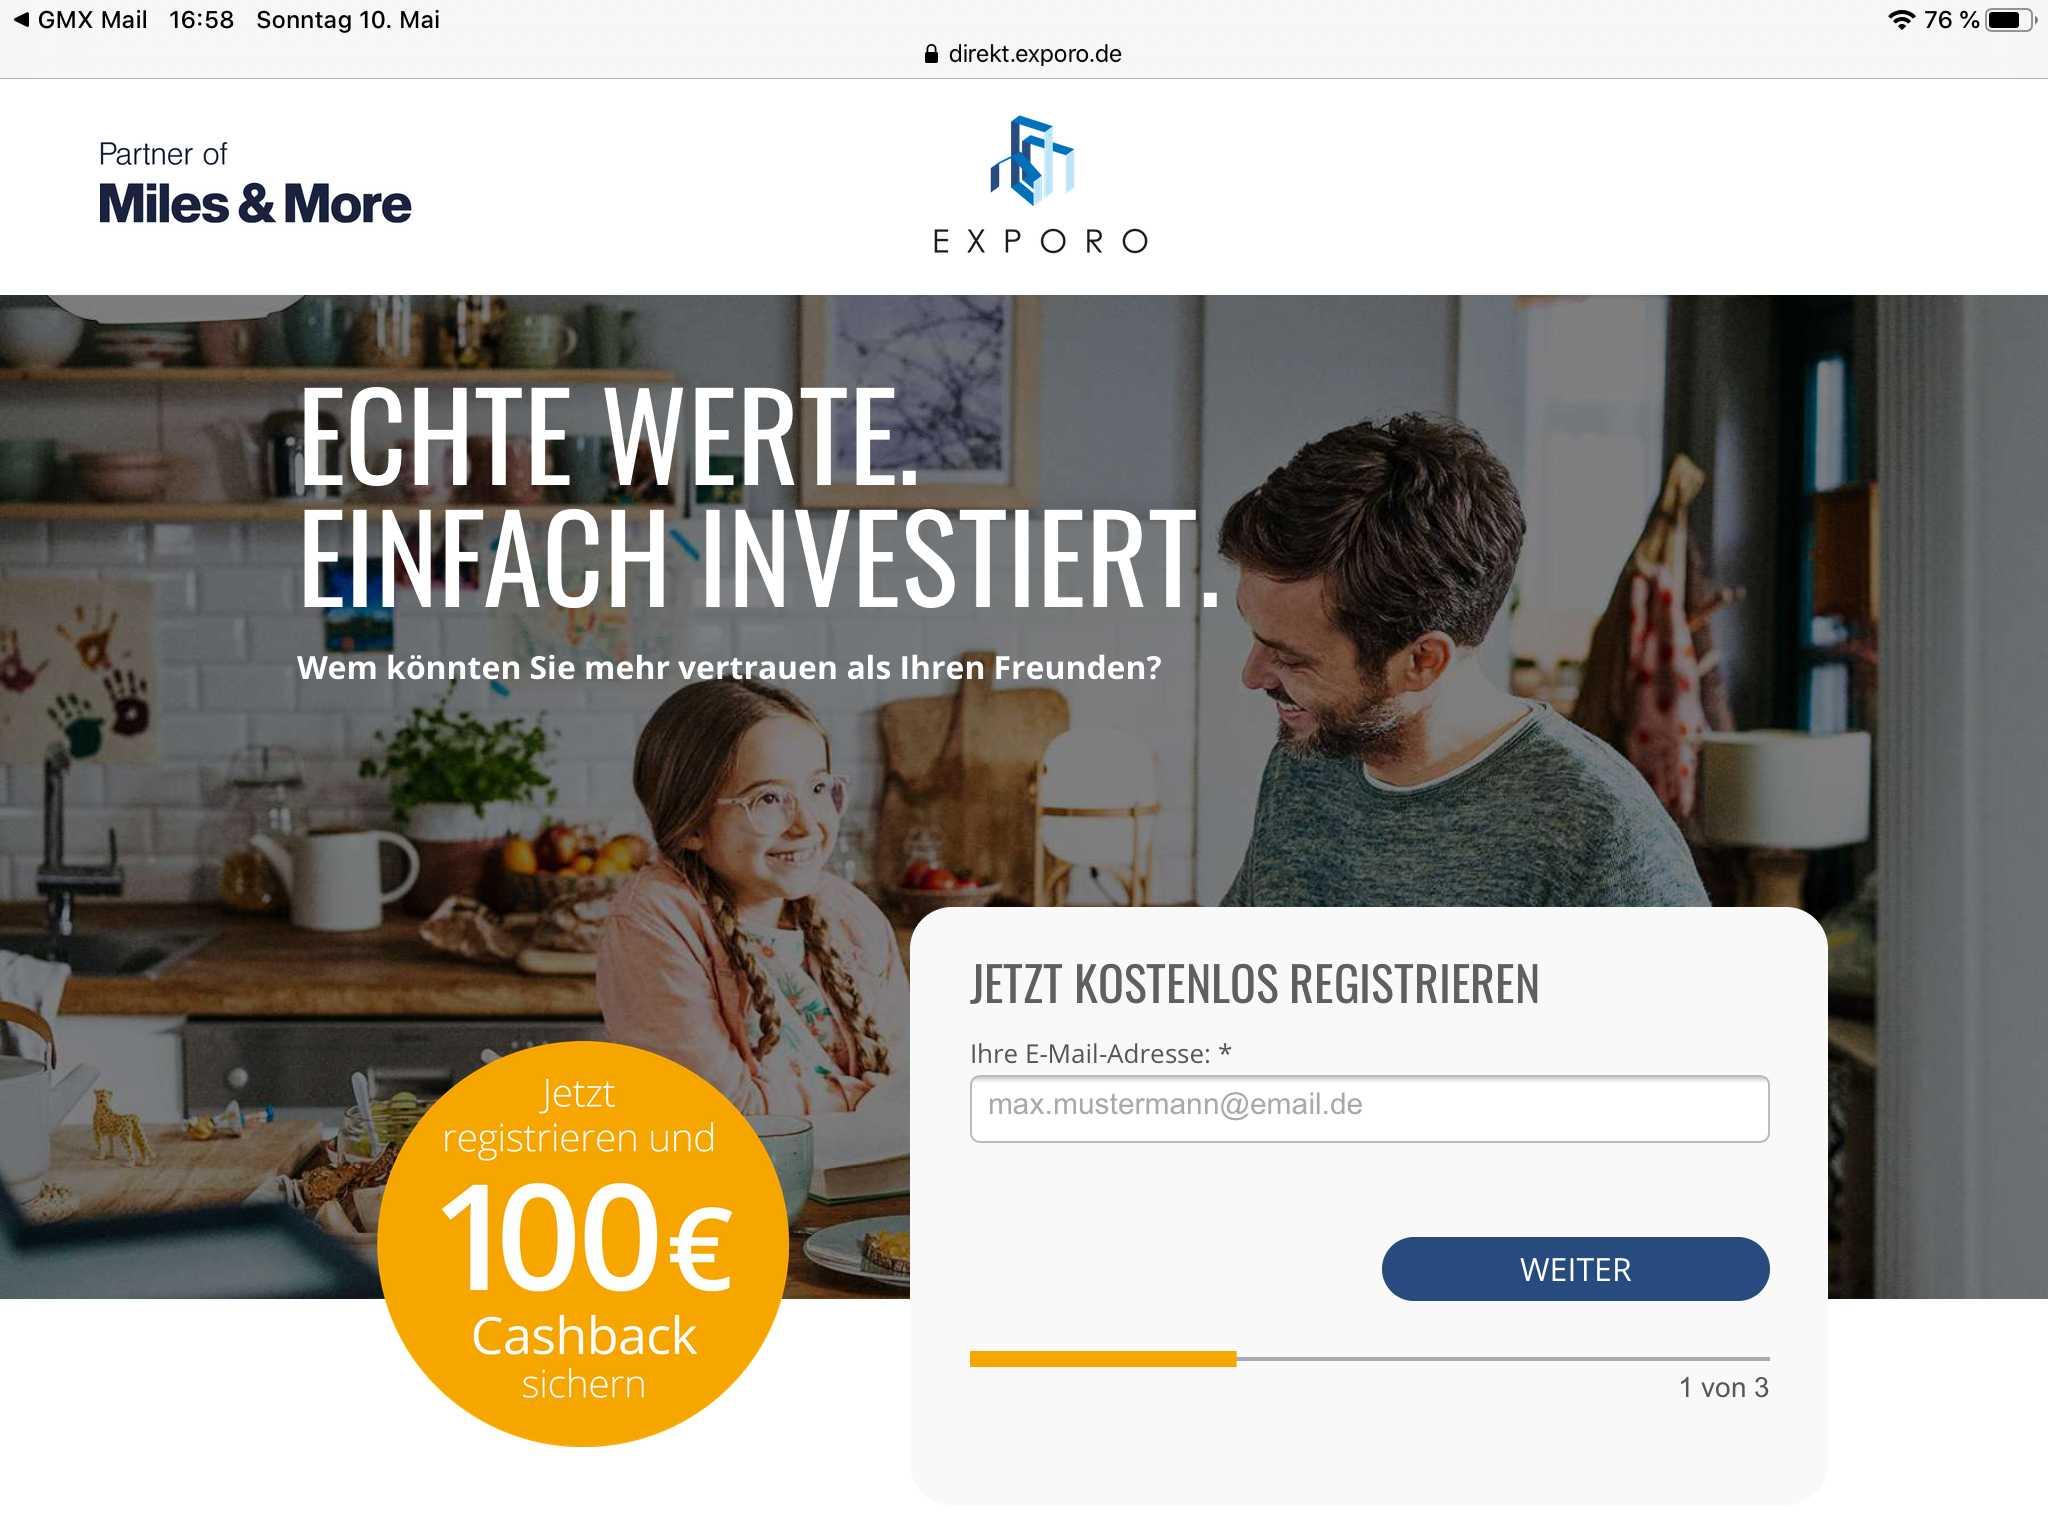 Exporo: 2x 100€ dank Freunde werben: 100€ Cashback (bei 500€ Invest) + 100€ für Werber